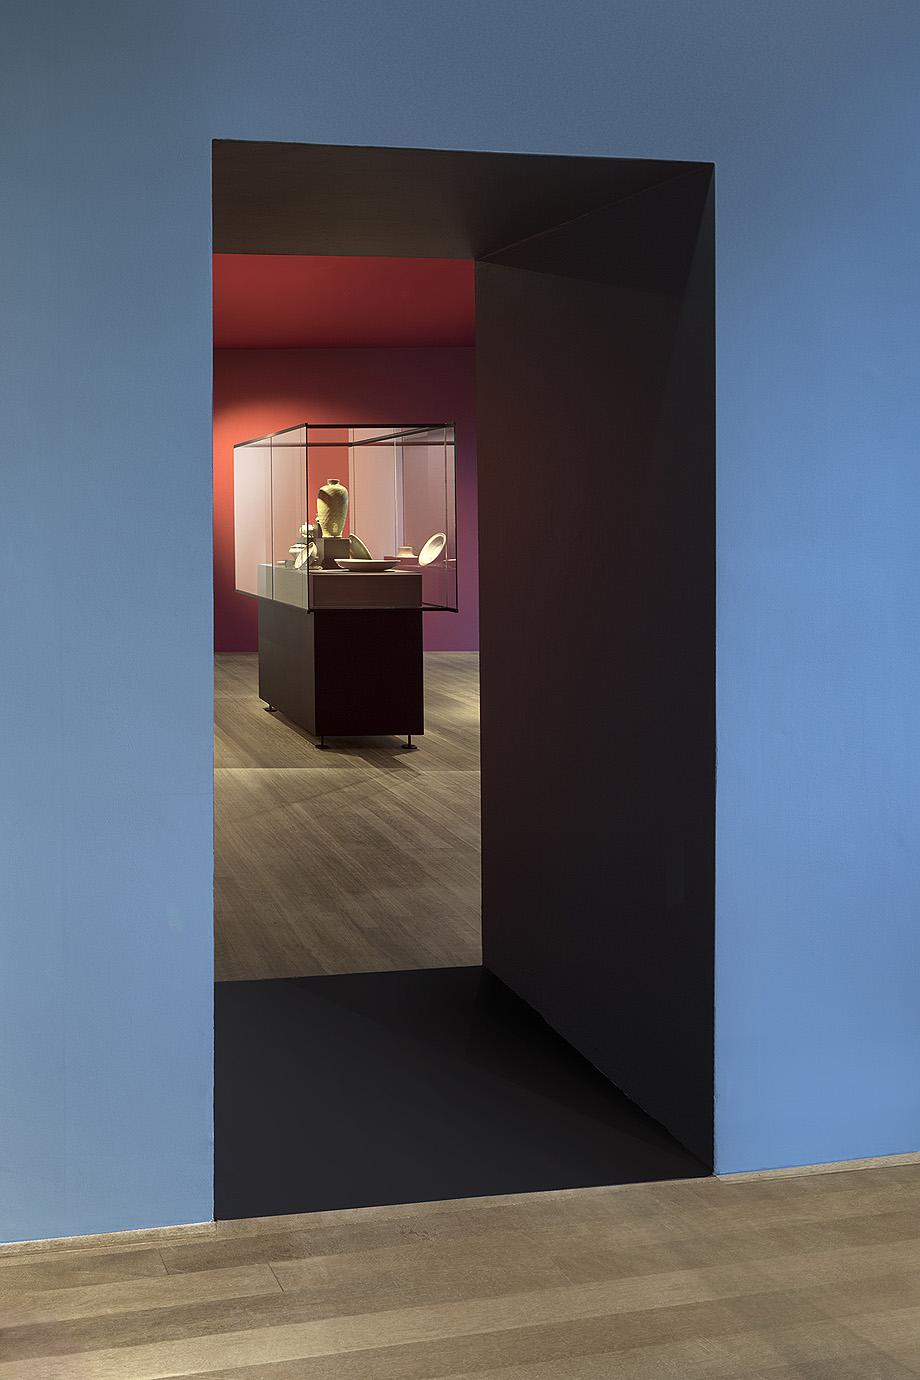 museo nacional de cerámica princessehof por i29 interior architects - foto ewout huibers (19)